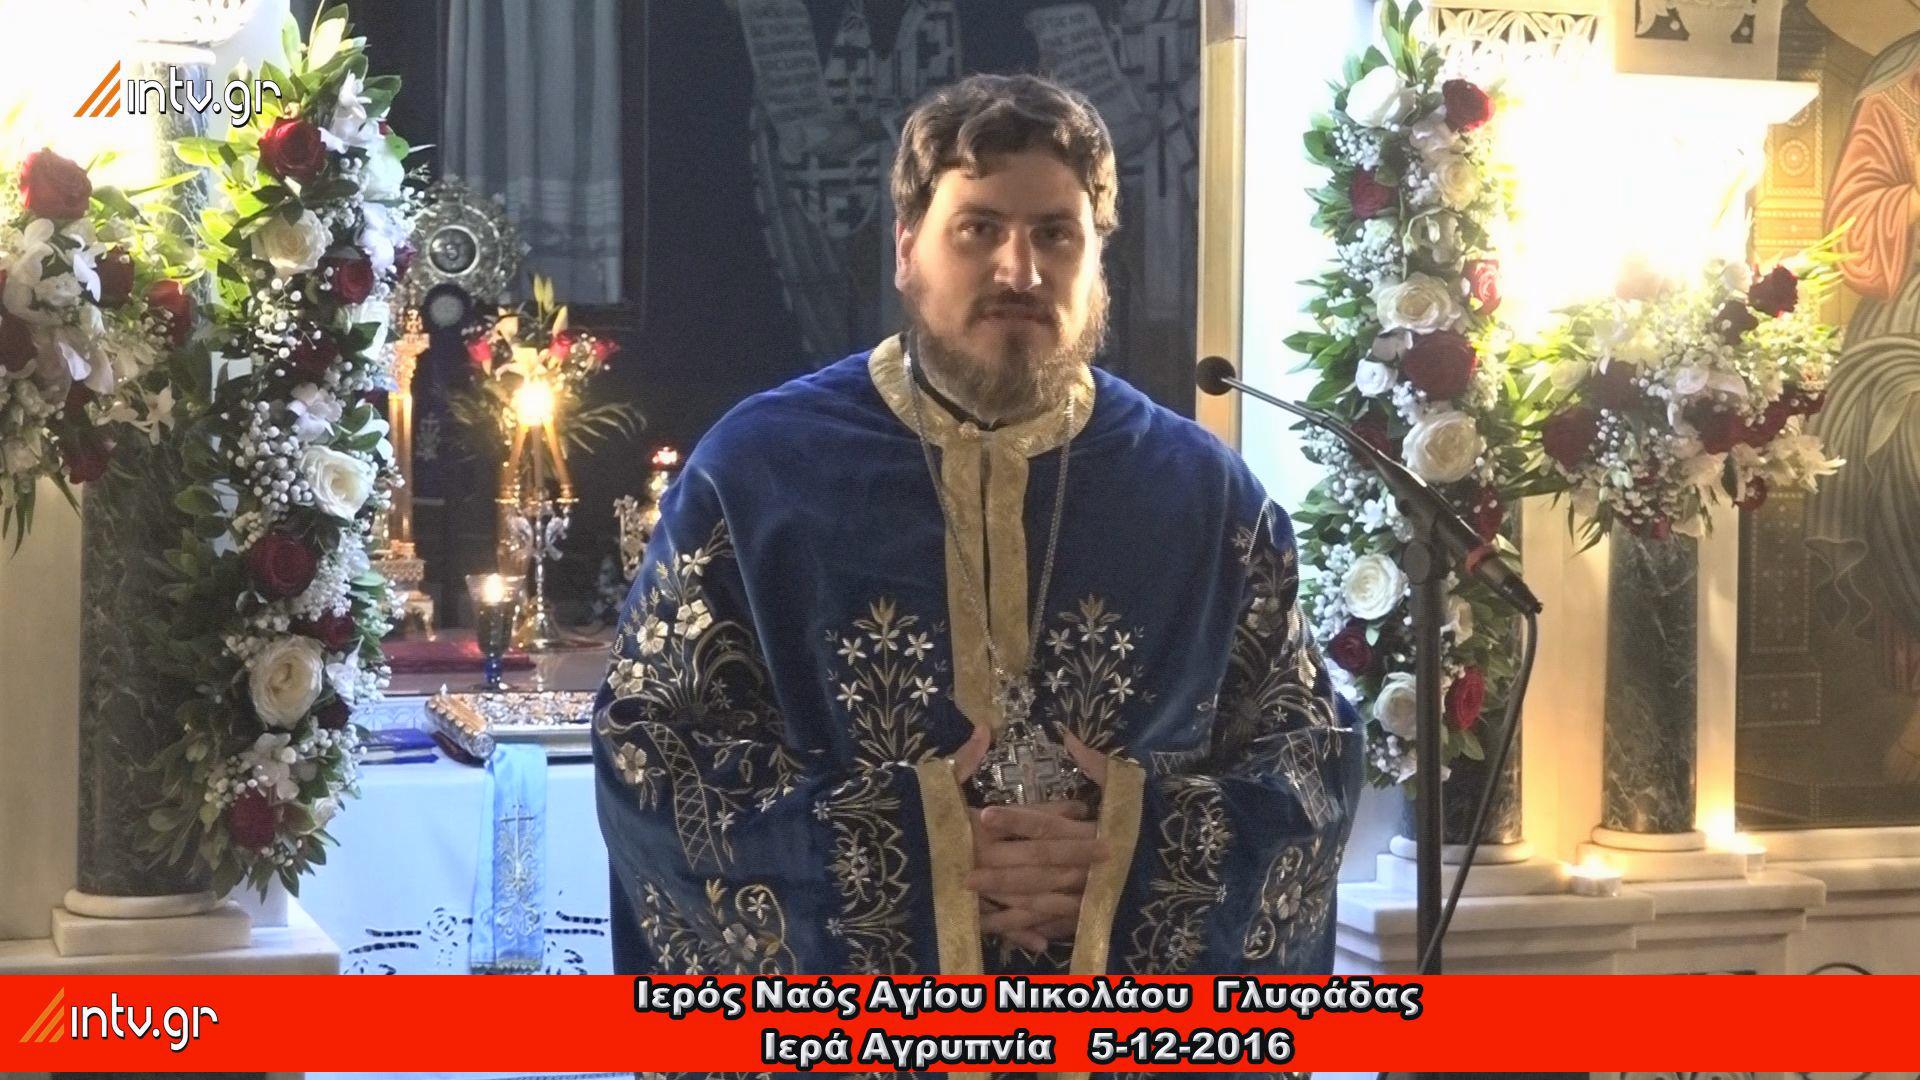 Ιερός Ναός Αγίου Νικολάου  Γλυφάδας - Ιερά Αγρυπνία